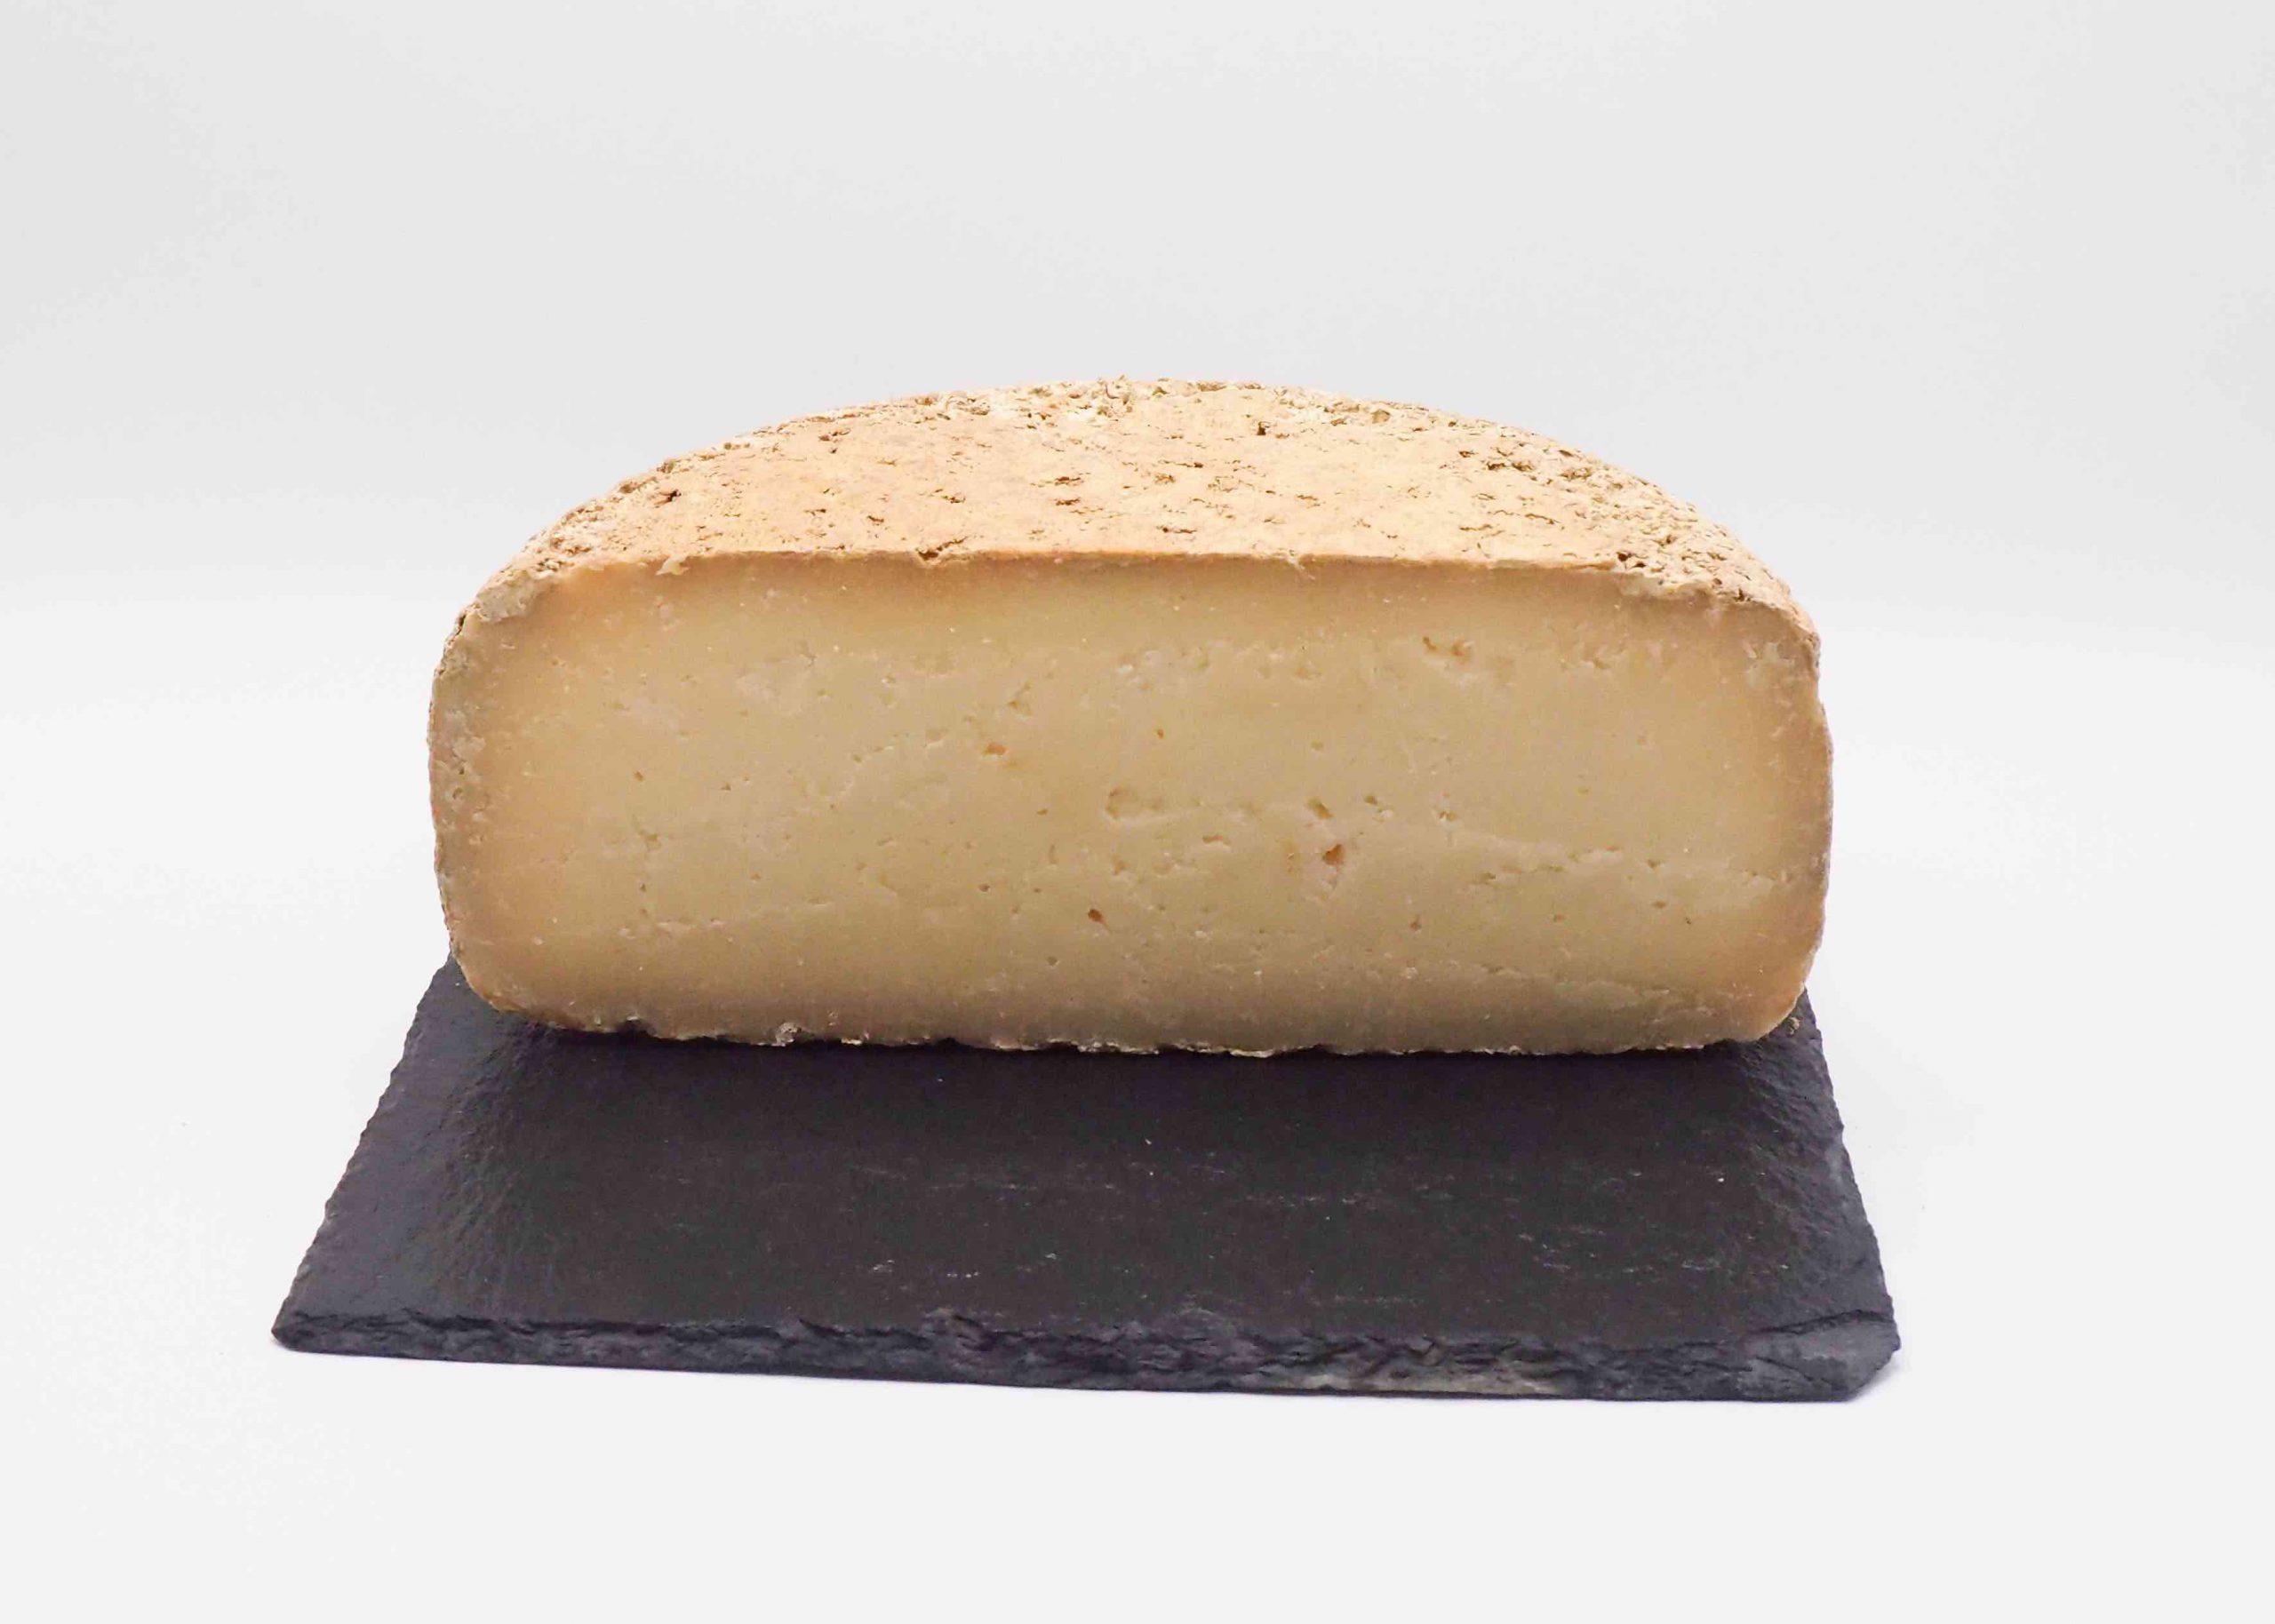 Acheter du fromage de qualité en ligne avec notre artisan meilleur ouvrier de France